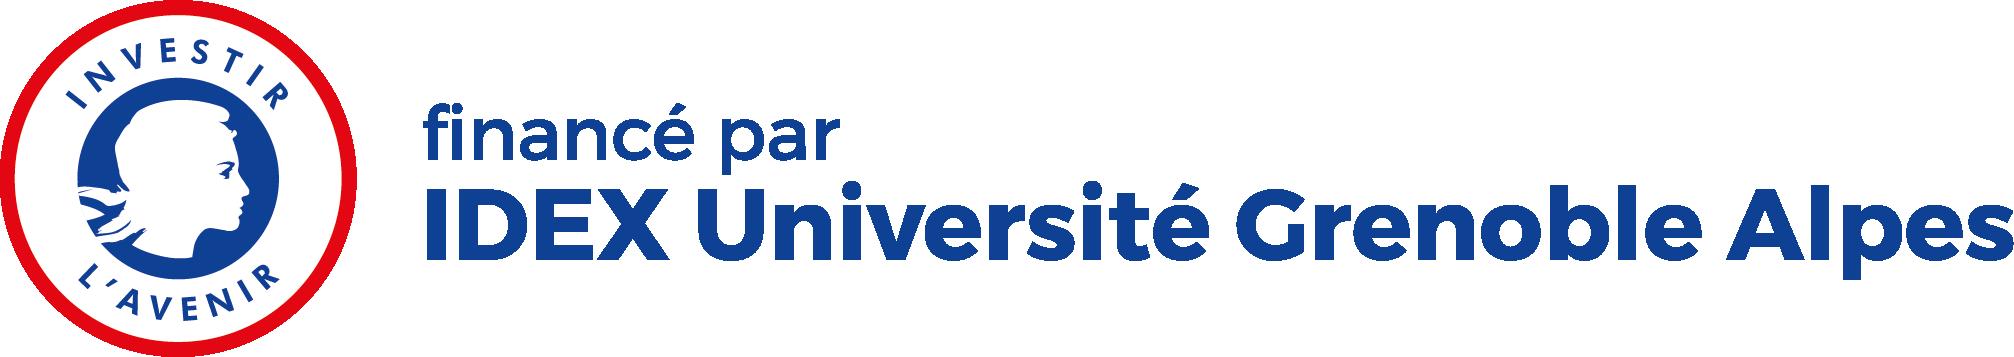 Logo Idex Université Grenoble Alpes